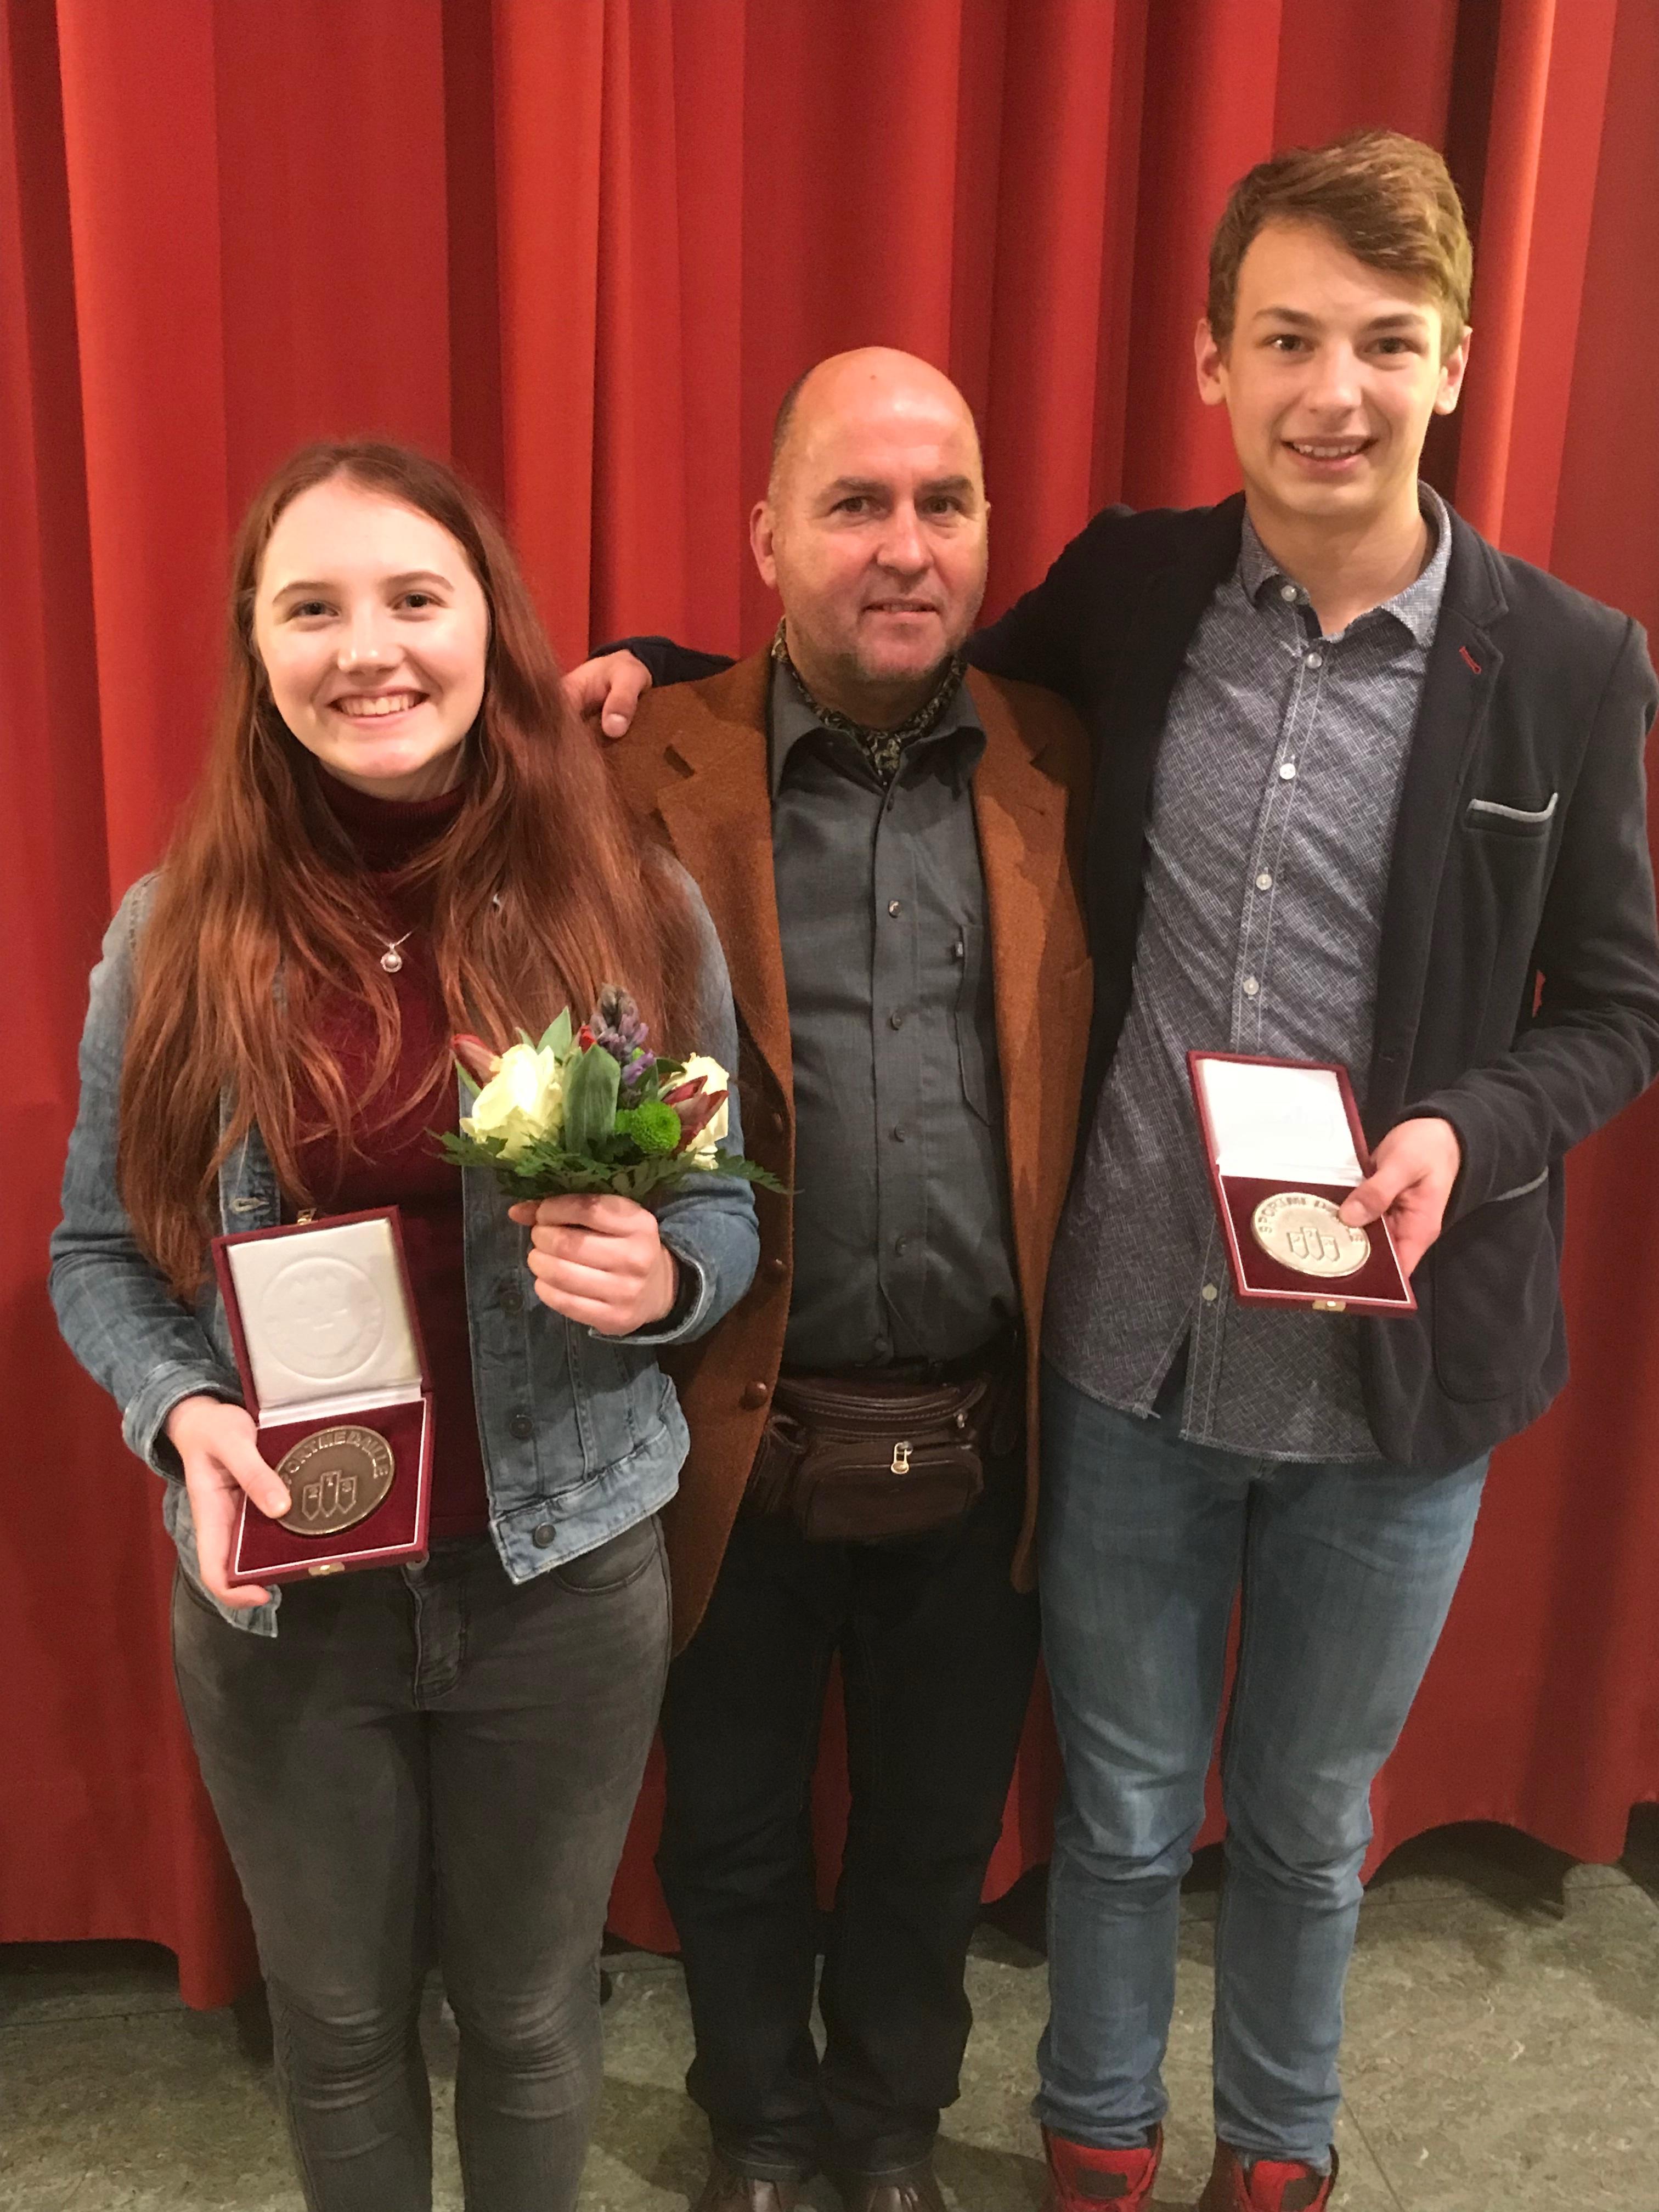 Klara Wirth zur Osten, Michael Zimmermann und Keanu Nagel bei der Sportlerehrung der Stadt Warendorf 2018